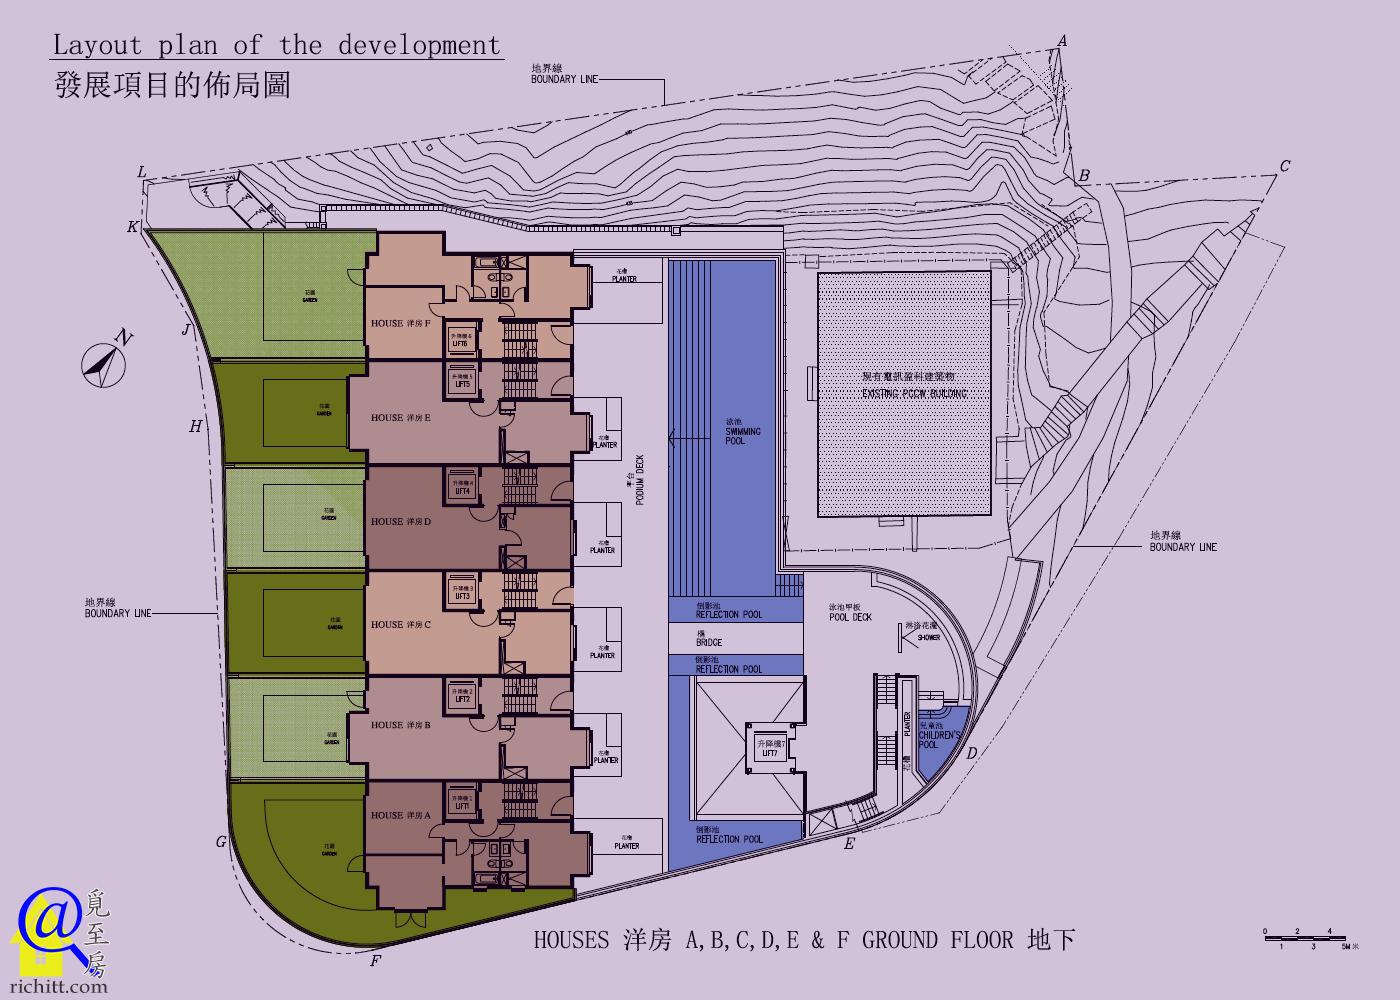 賓吉道3號布局圖-地下